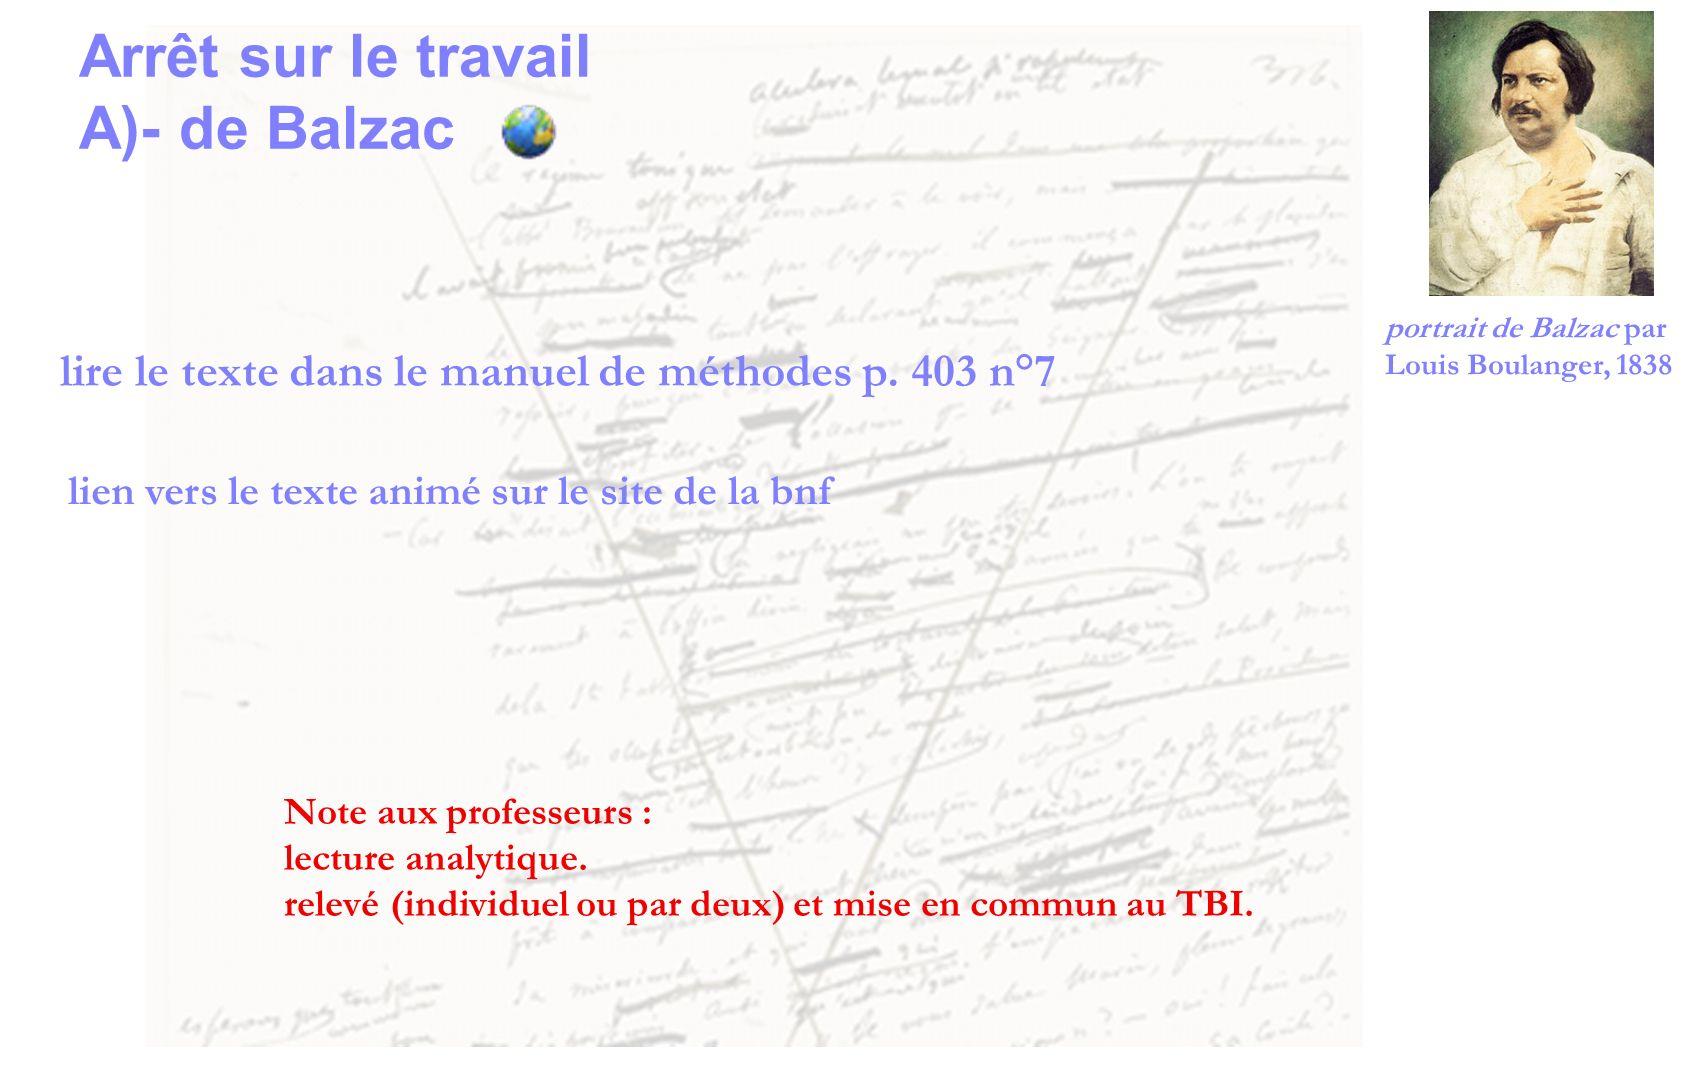 lire le texte dans le manuel de méthodes p. 403 n°7 lien vers le texte animé sur le site de la bnf Arrêt sur le travail A)- de Balzac Note aux profess